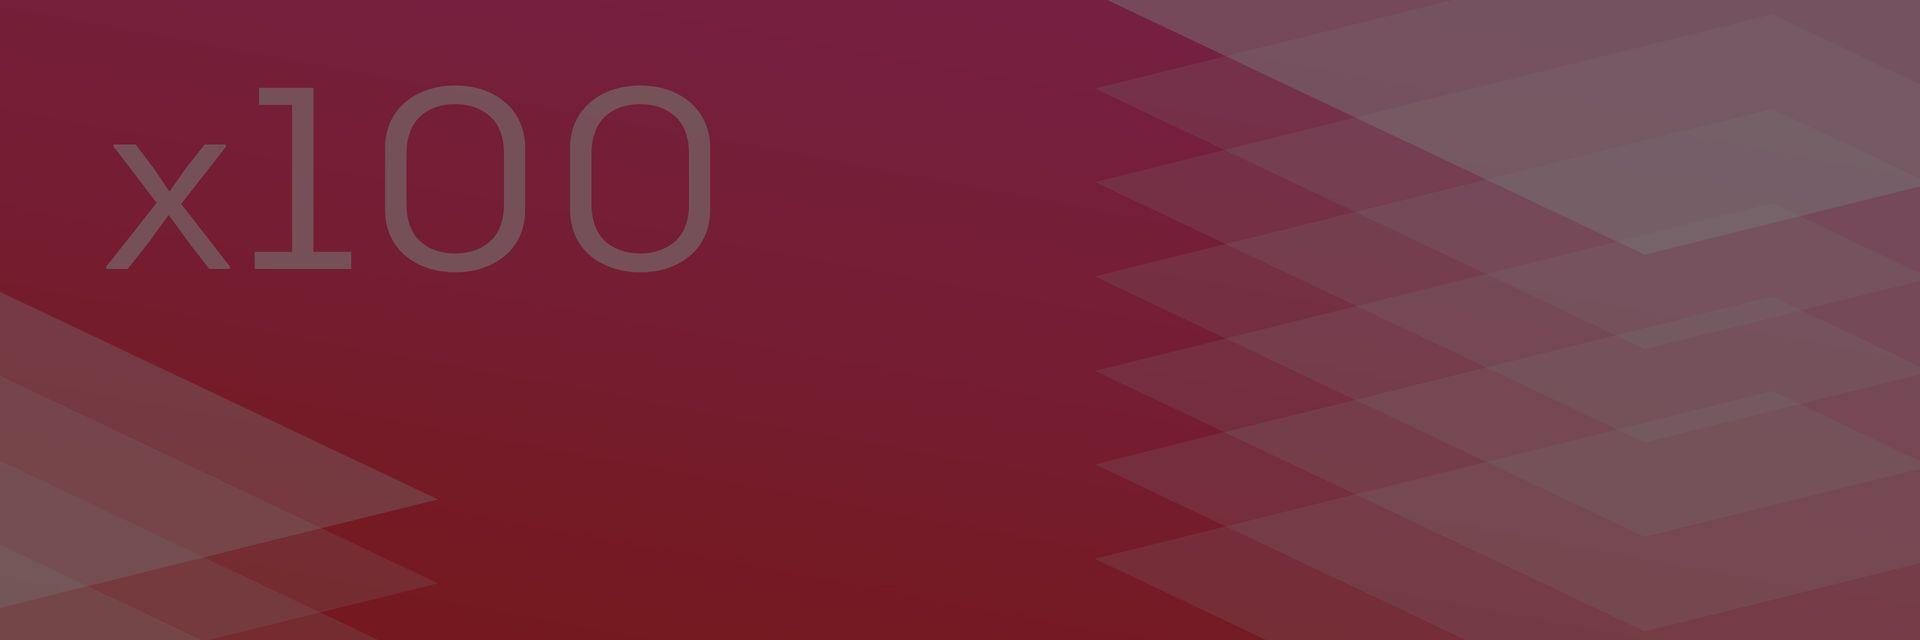 Prostudio внедряет уникальную технологию композитный сайт от 1с битрикс